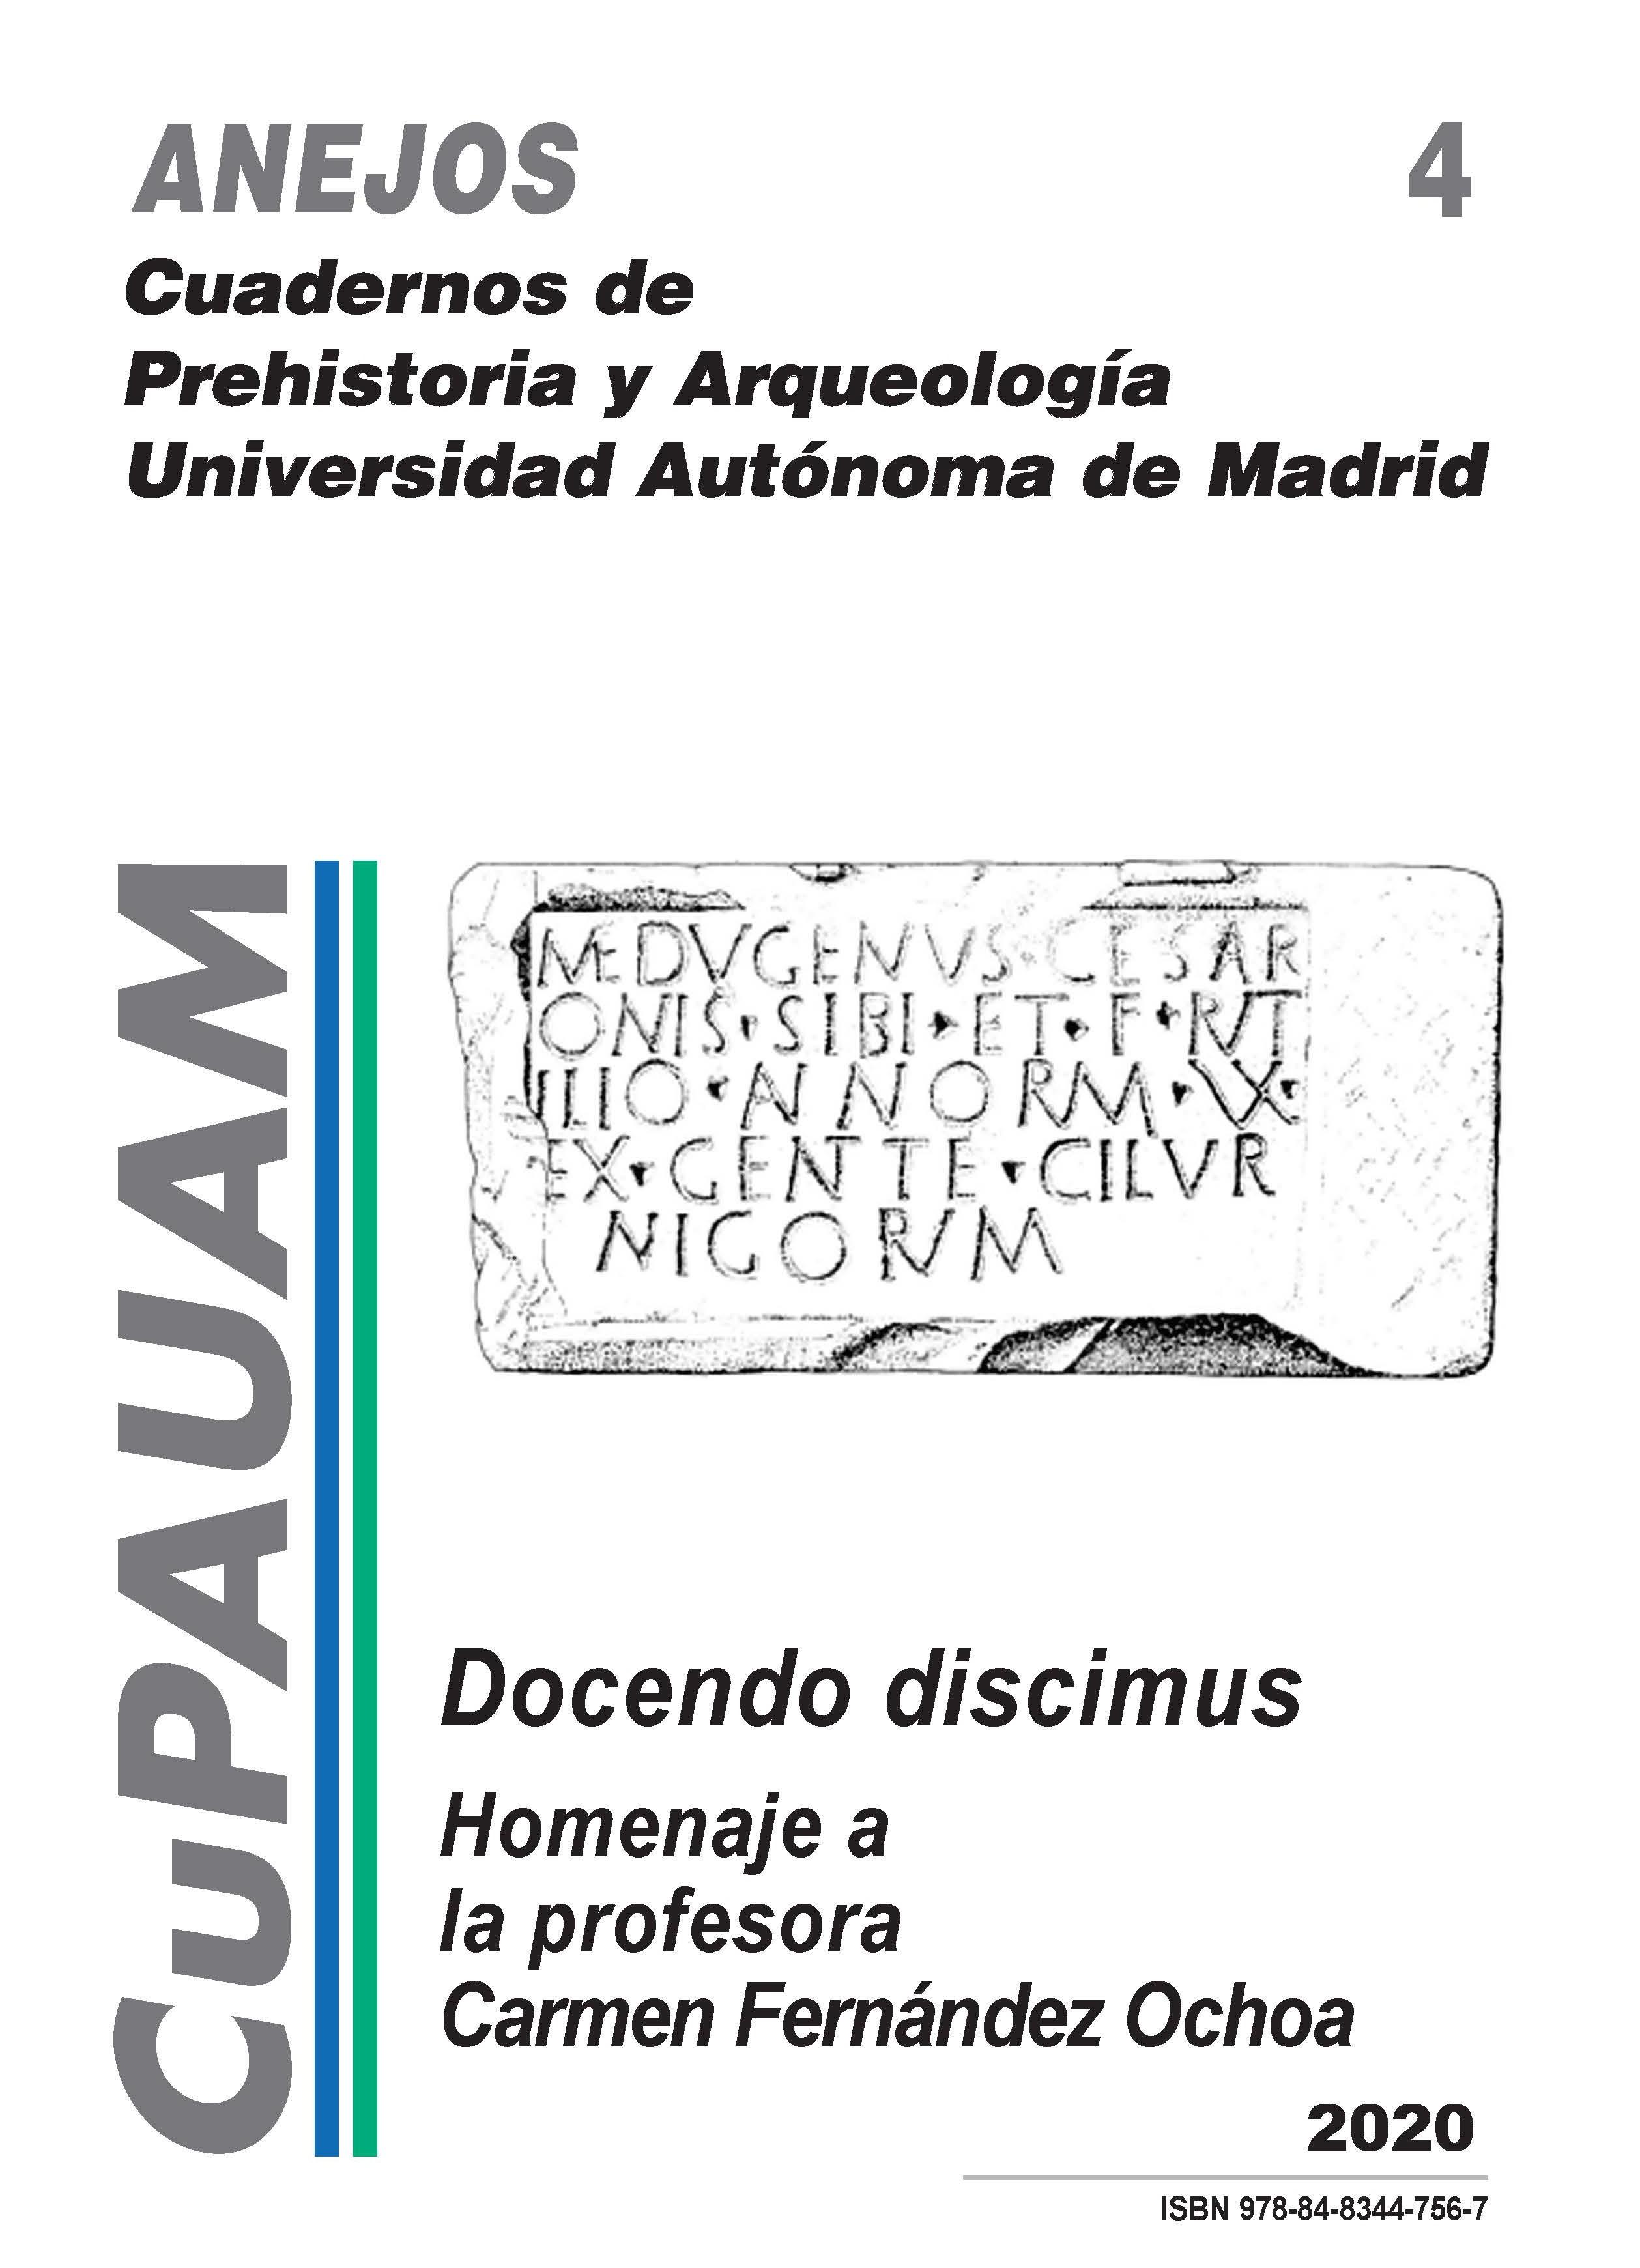 Portada de Anejos de Cuadernos de Prehistoria y Arqueología de la Universidad Autónoma de Madrid